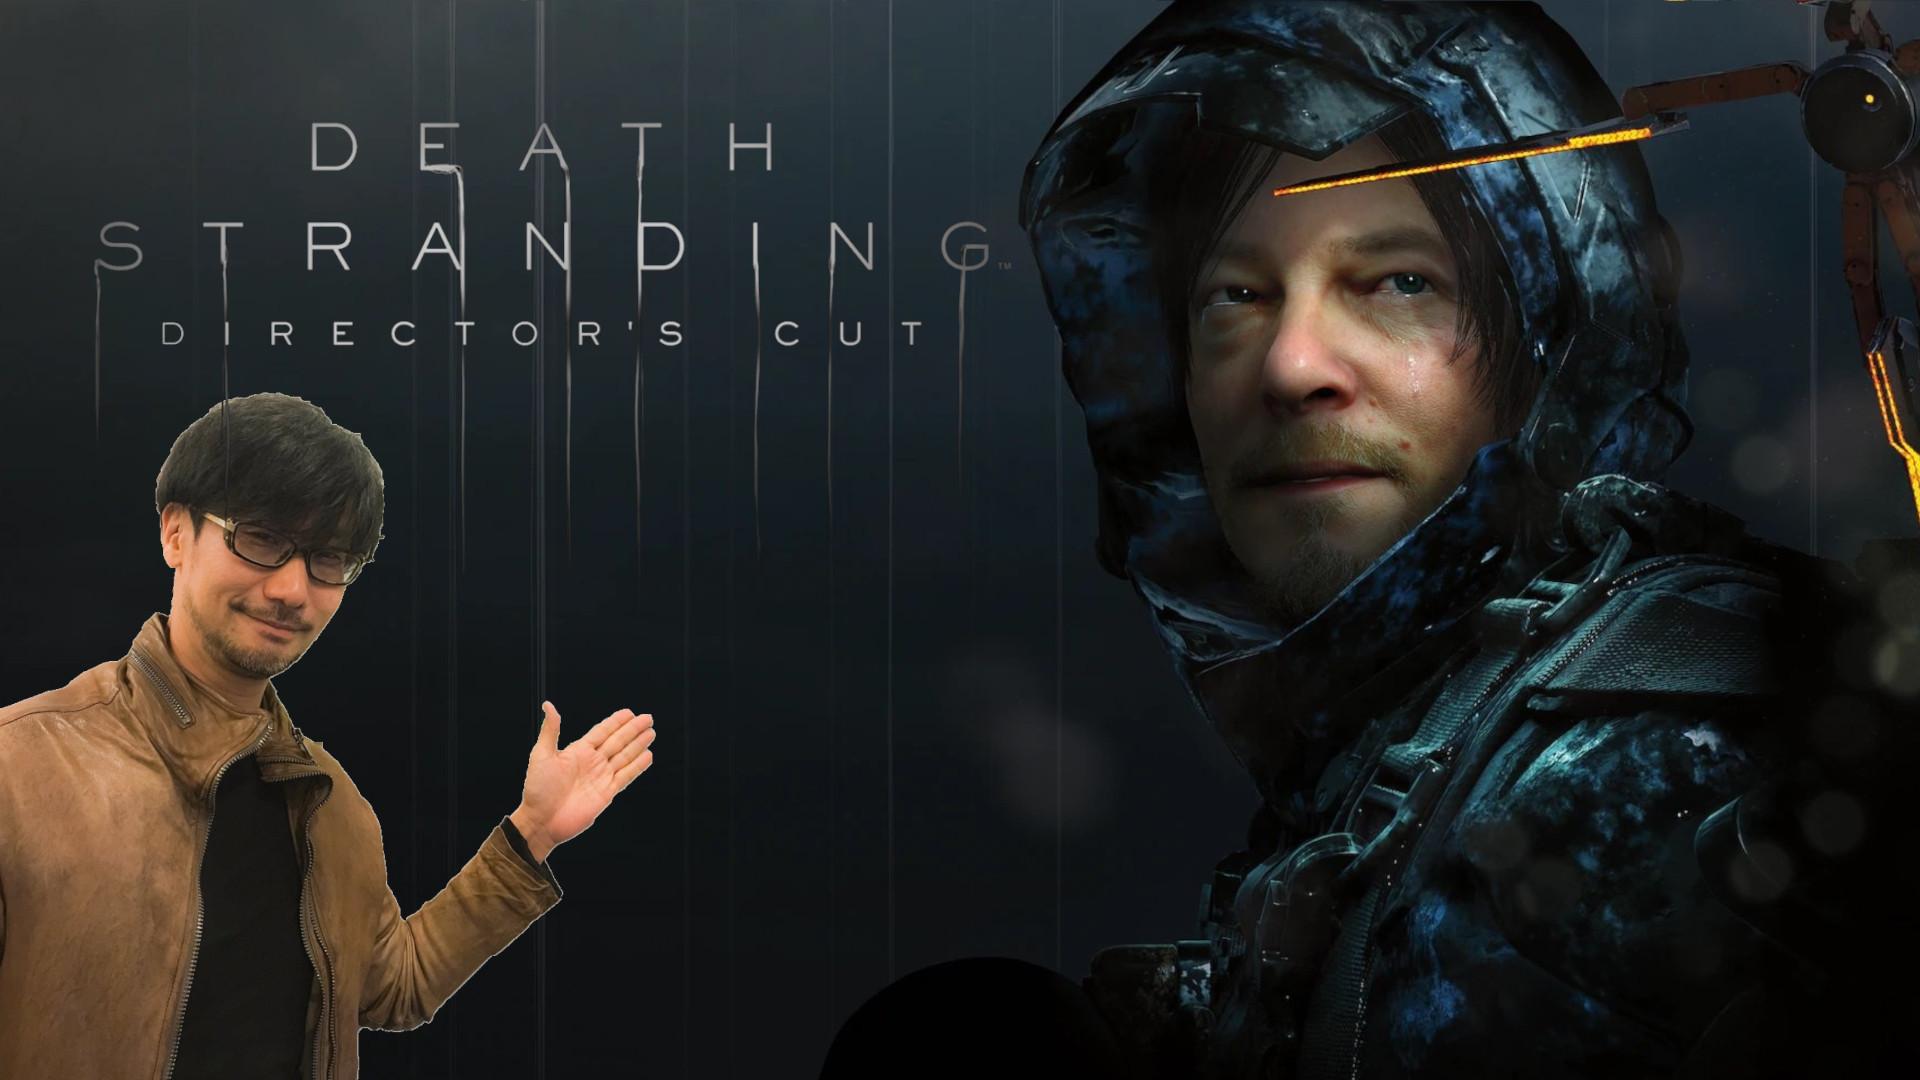 Embora muito usado na indústria cinematográfica, Corte do Diretor parece não fazer sentido para Hideo Kojima em seu novo Death Stranding Director's Cut. O desenvolvedor afirma que não cortou nada do game.